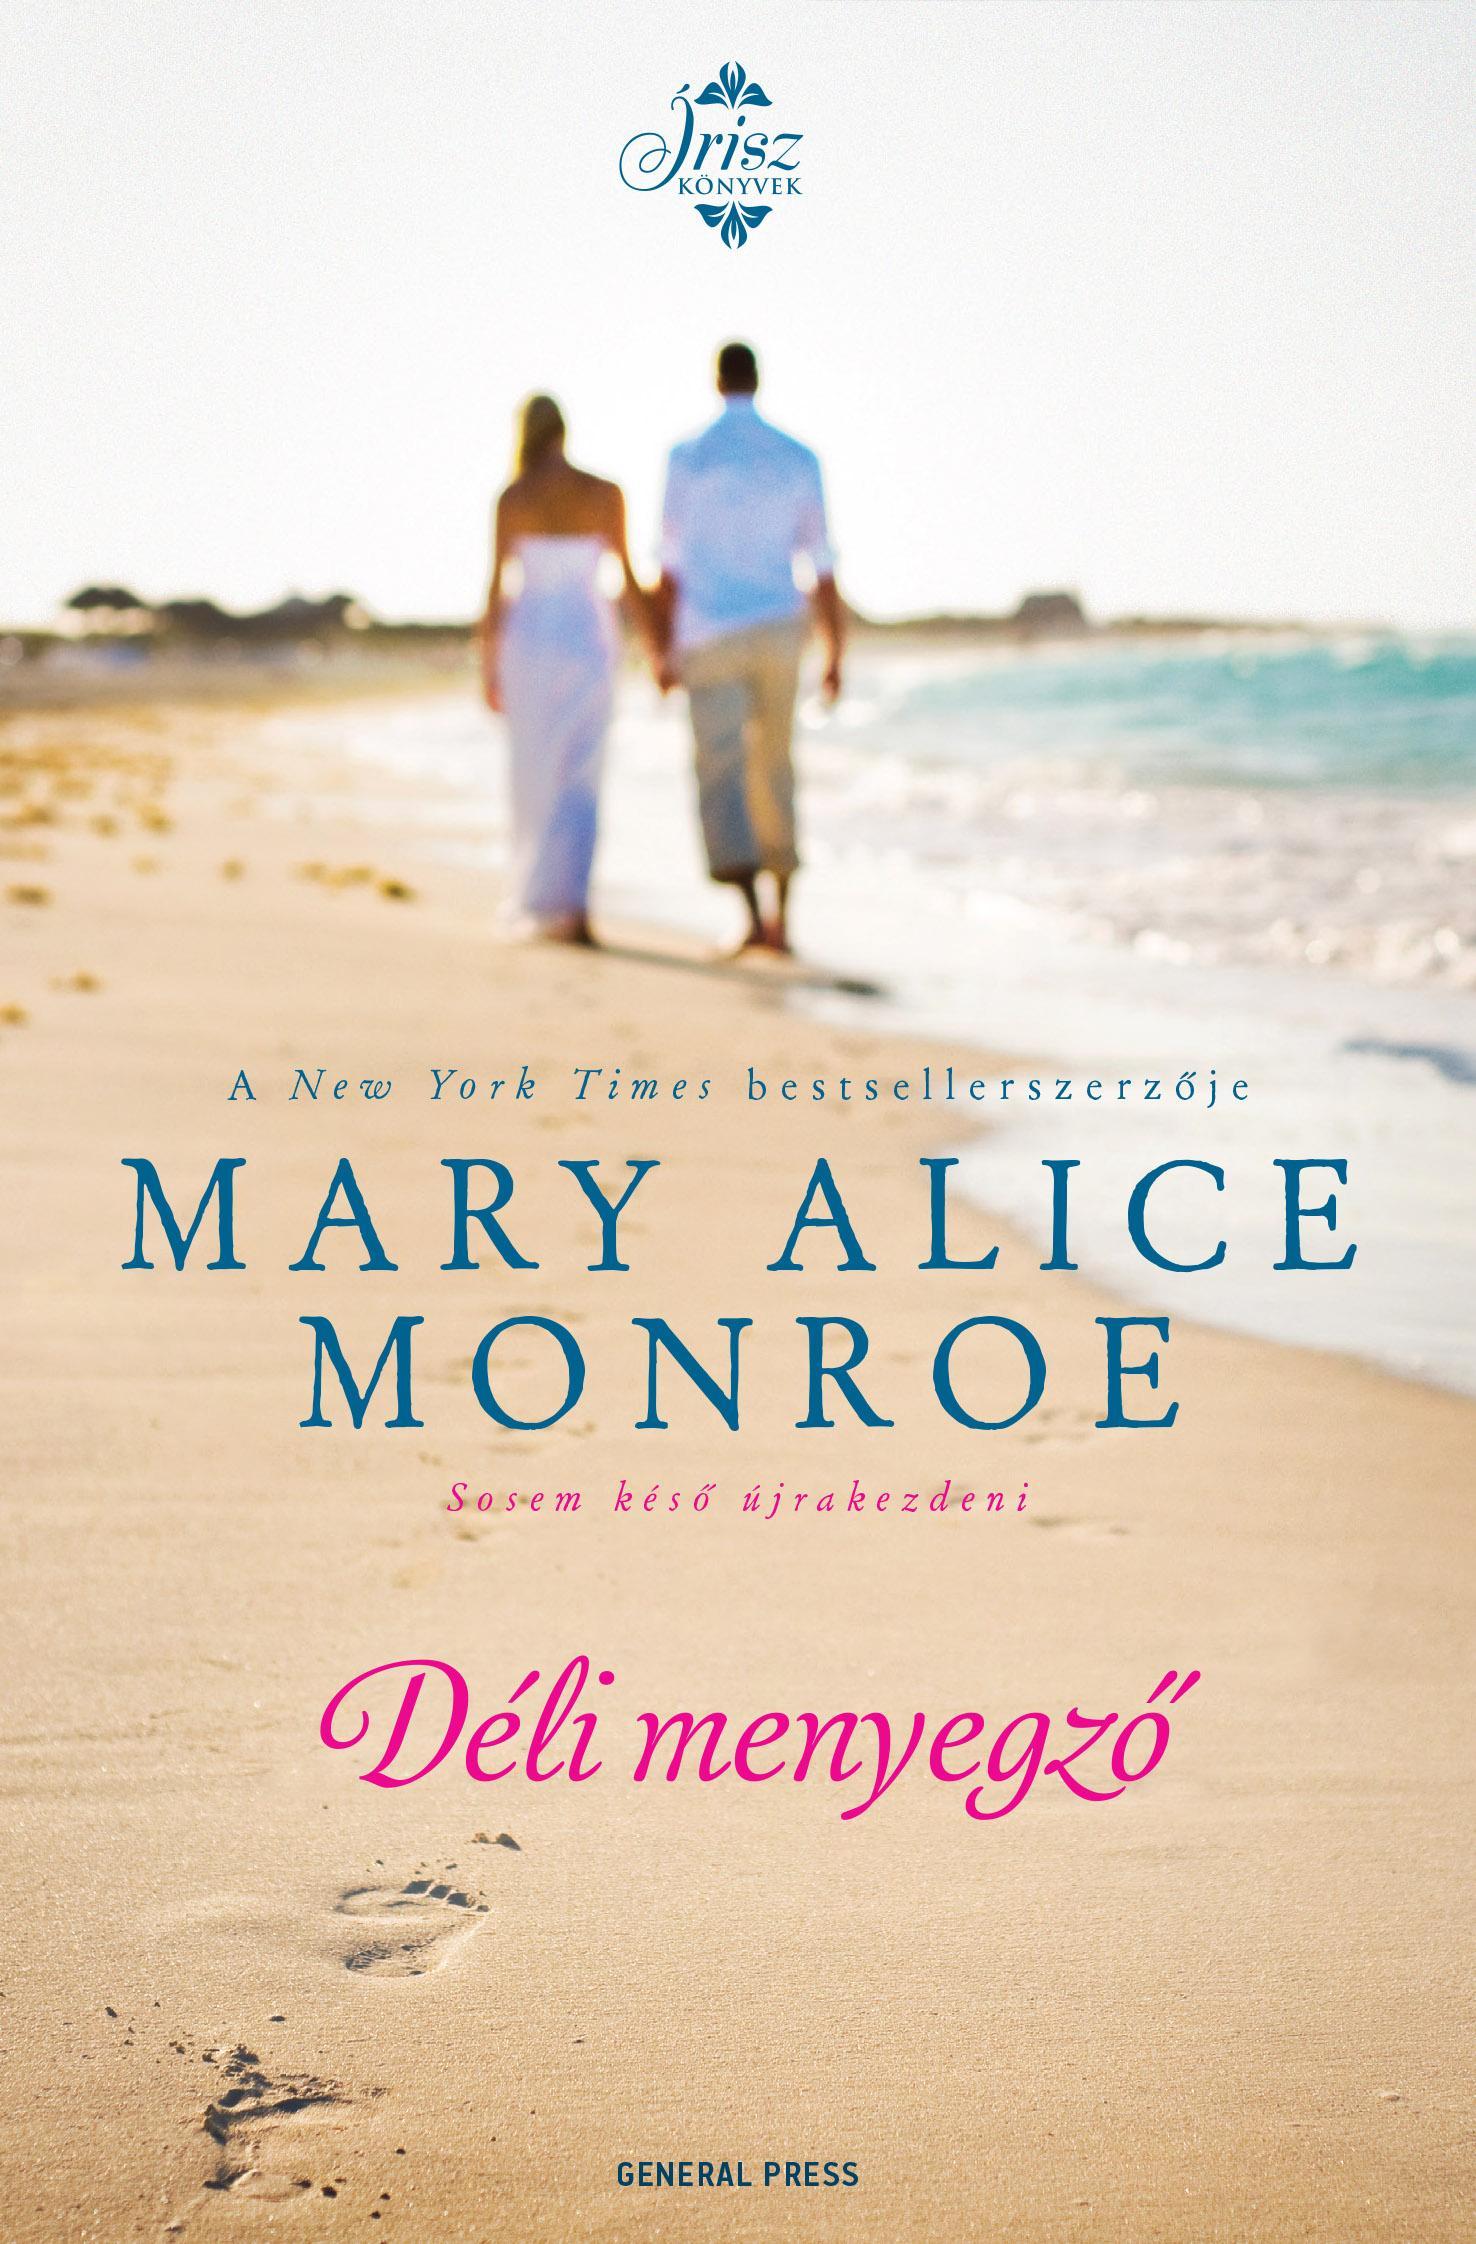 MONROE, MARY ALICE - DÉLI MENYEGZŐ